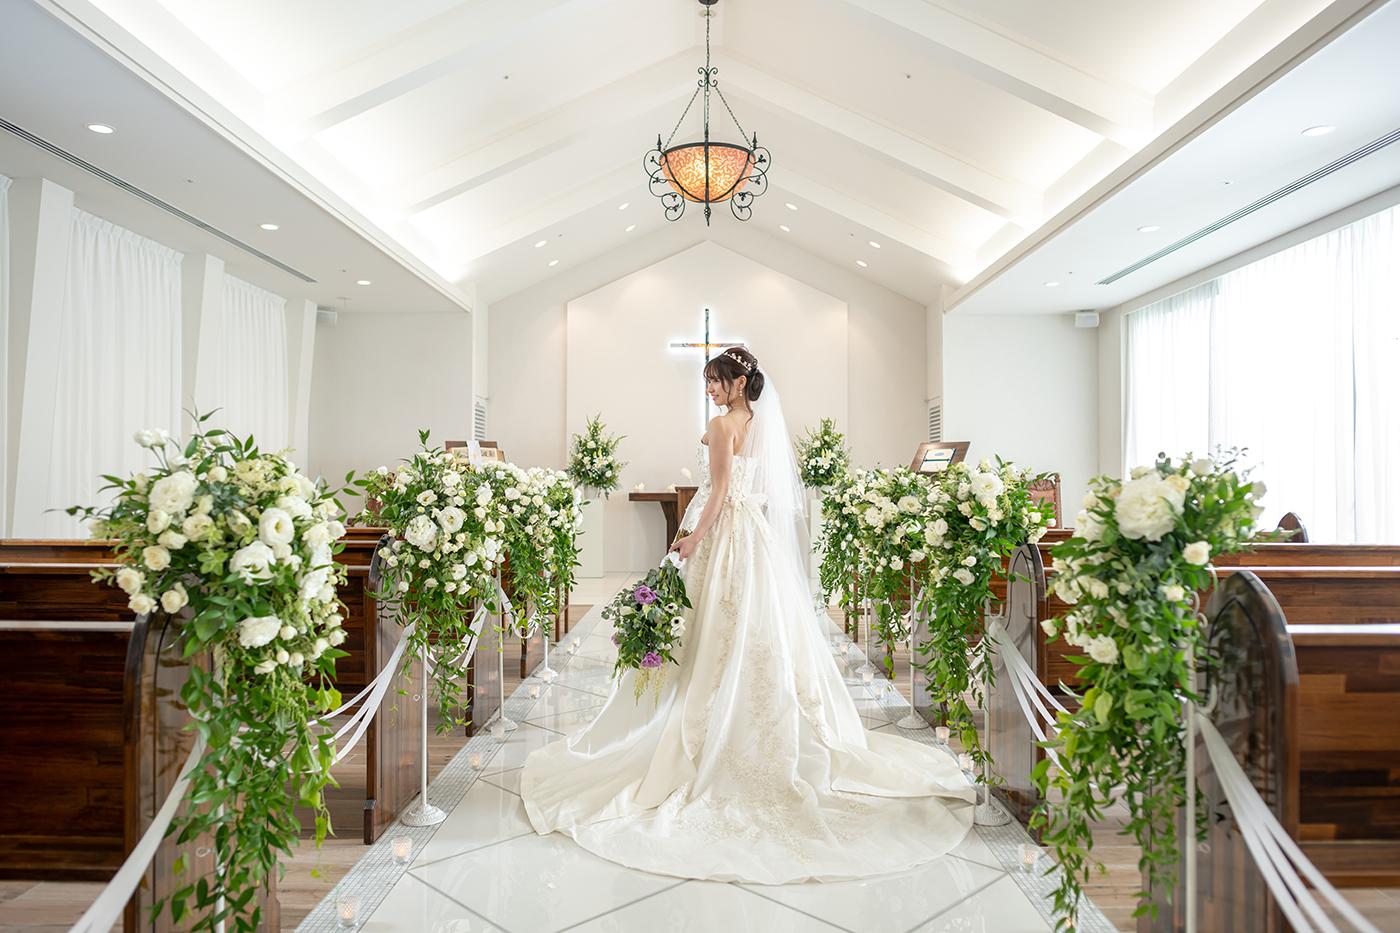 【ドレスにこだわりたい花嫁さま必見!】ドレス試着付き見学相談フェア